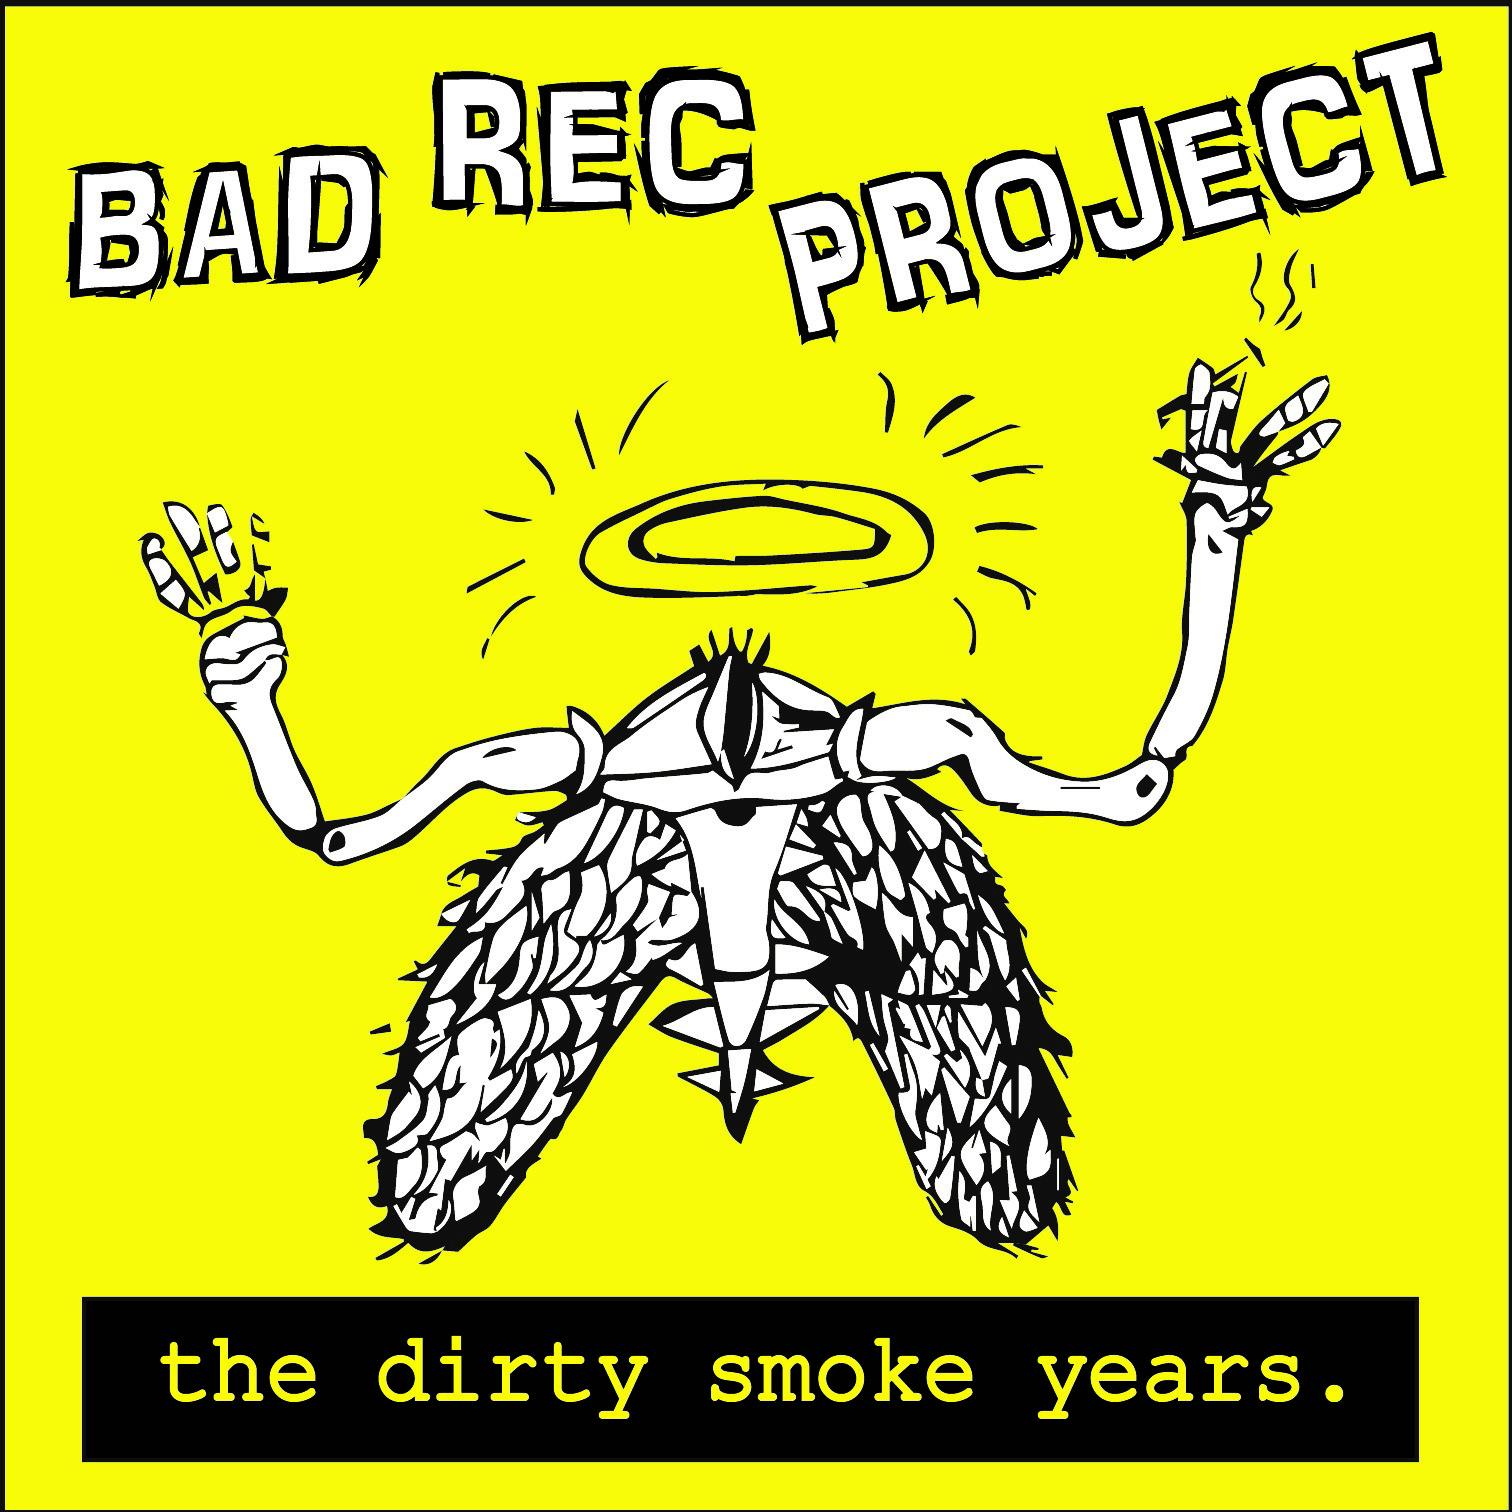 Bad Rec Project